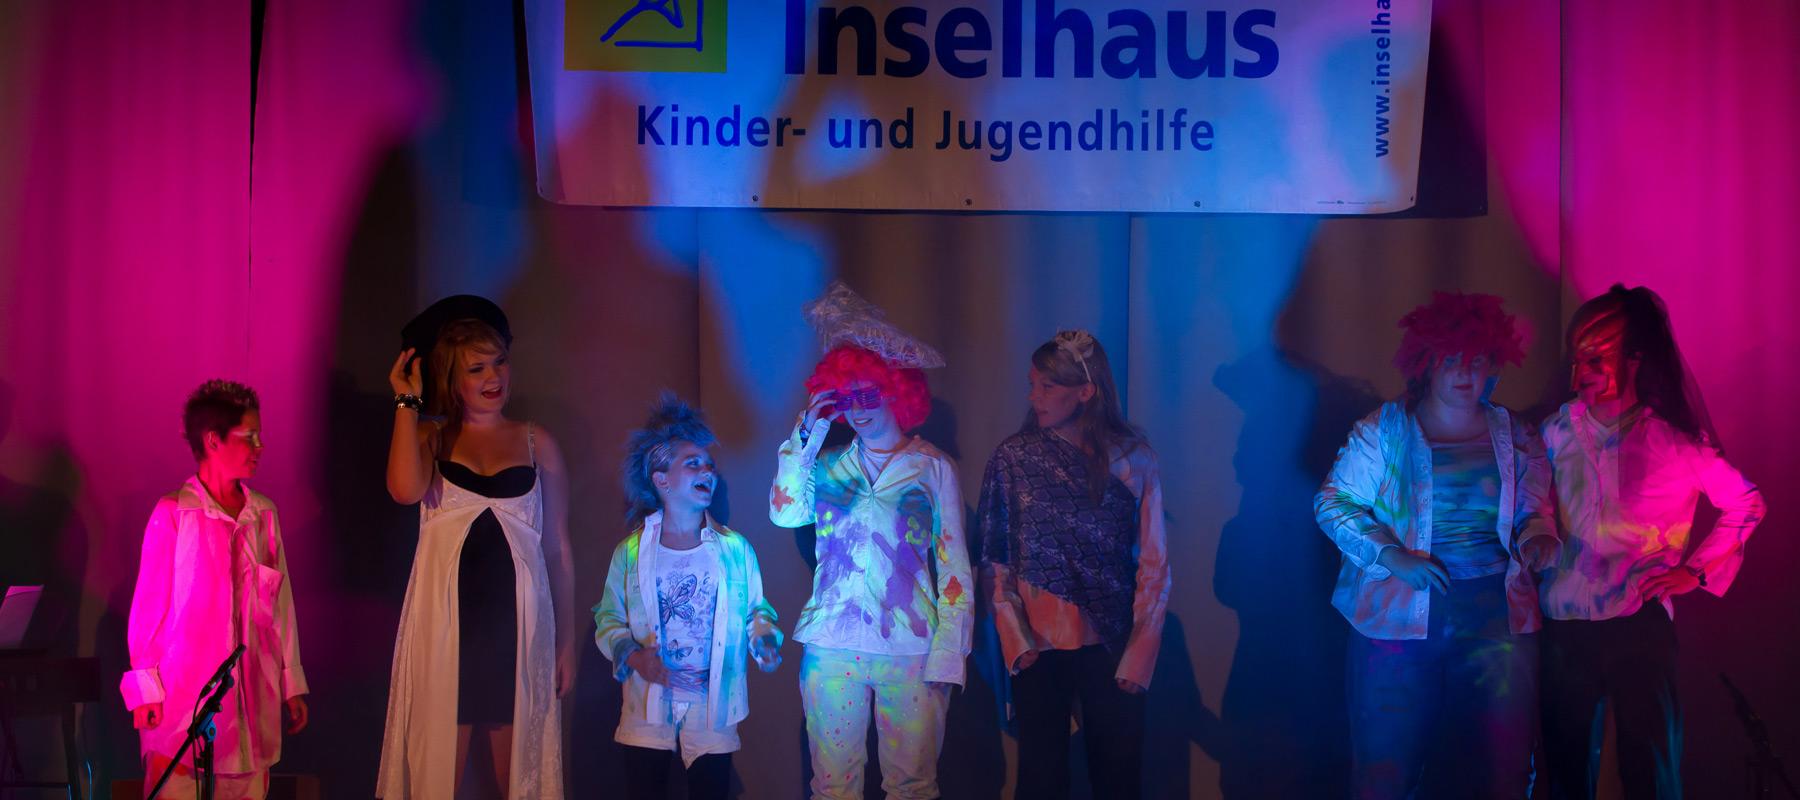 Inselhaus_Projekte_Musikprojekt_Header